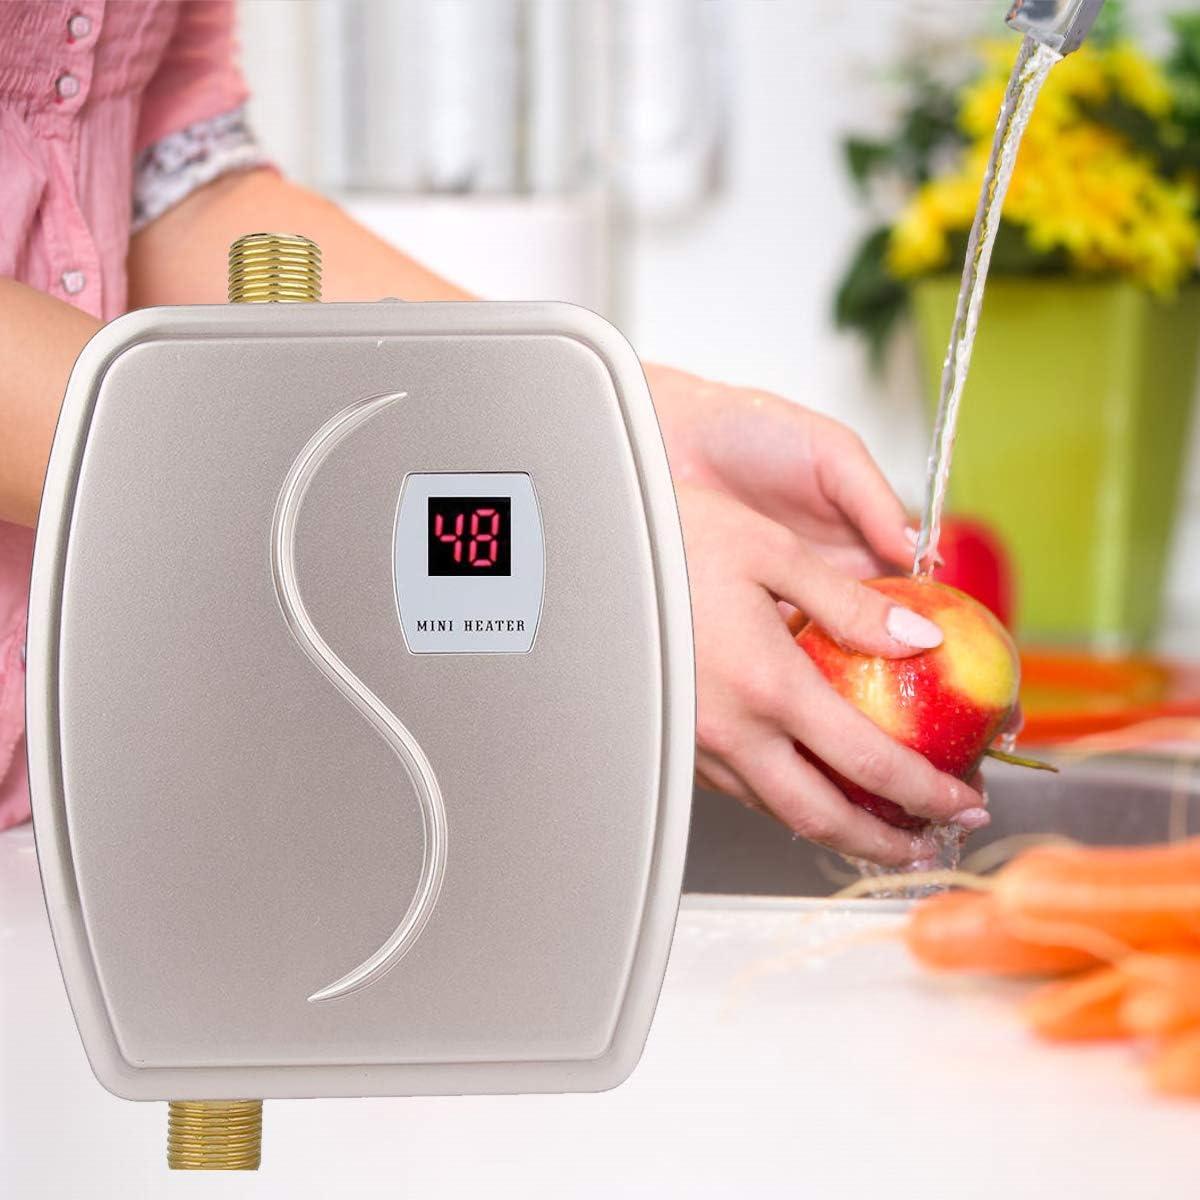 Durchlauferhitzer Küche – Haofy 230V 3800W Mini Durchlauferhitzer Elektronische mit LCD Anzeige, Konstante Temperatur Wasserkocher für Küche…